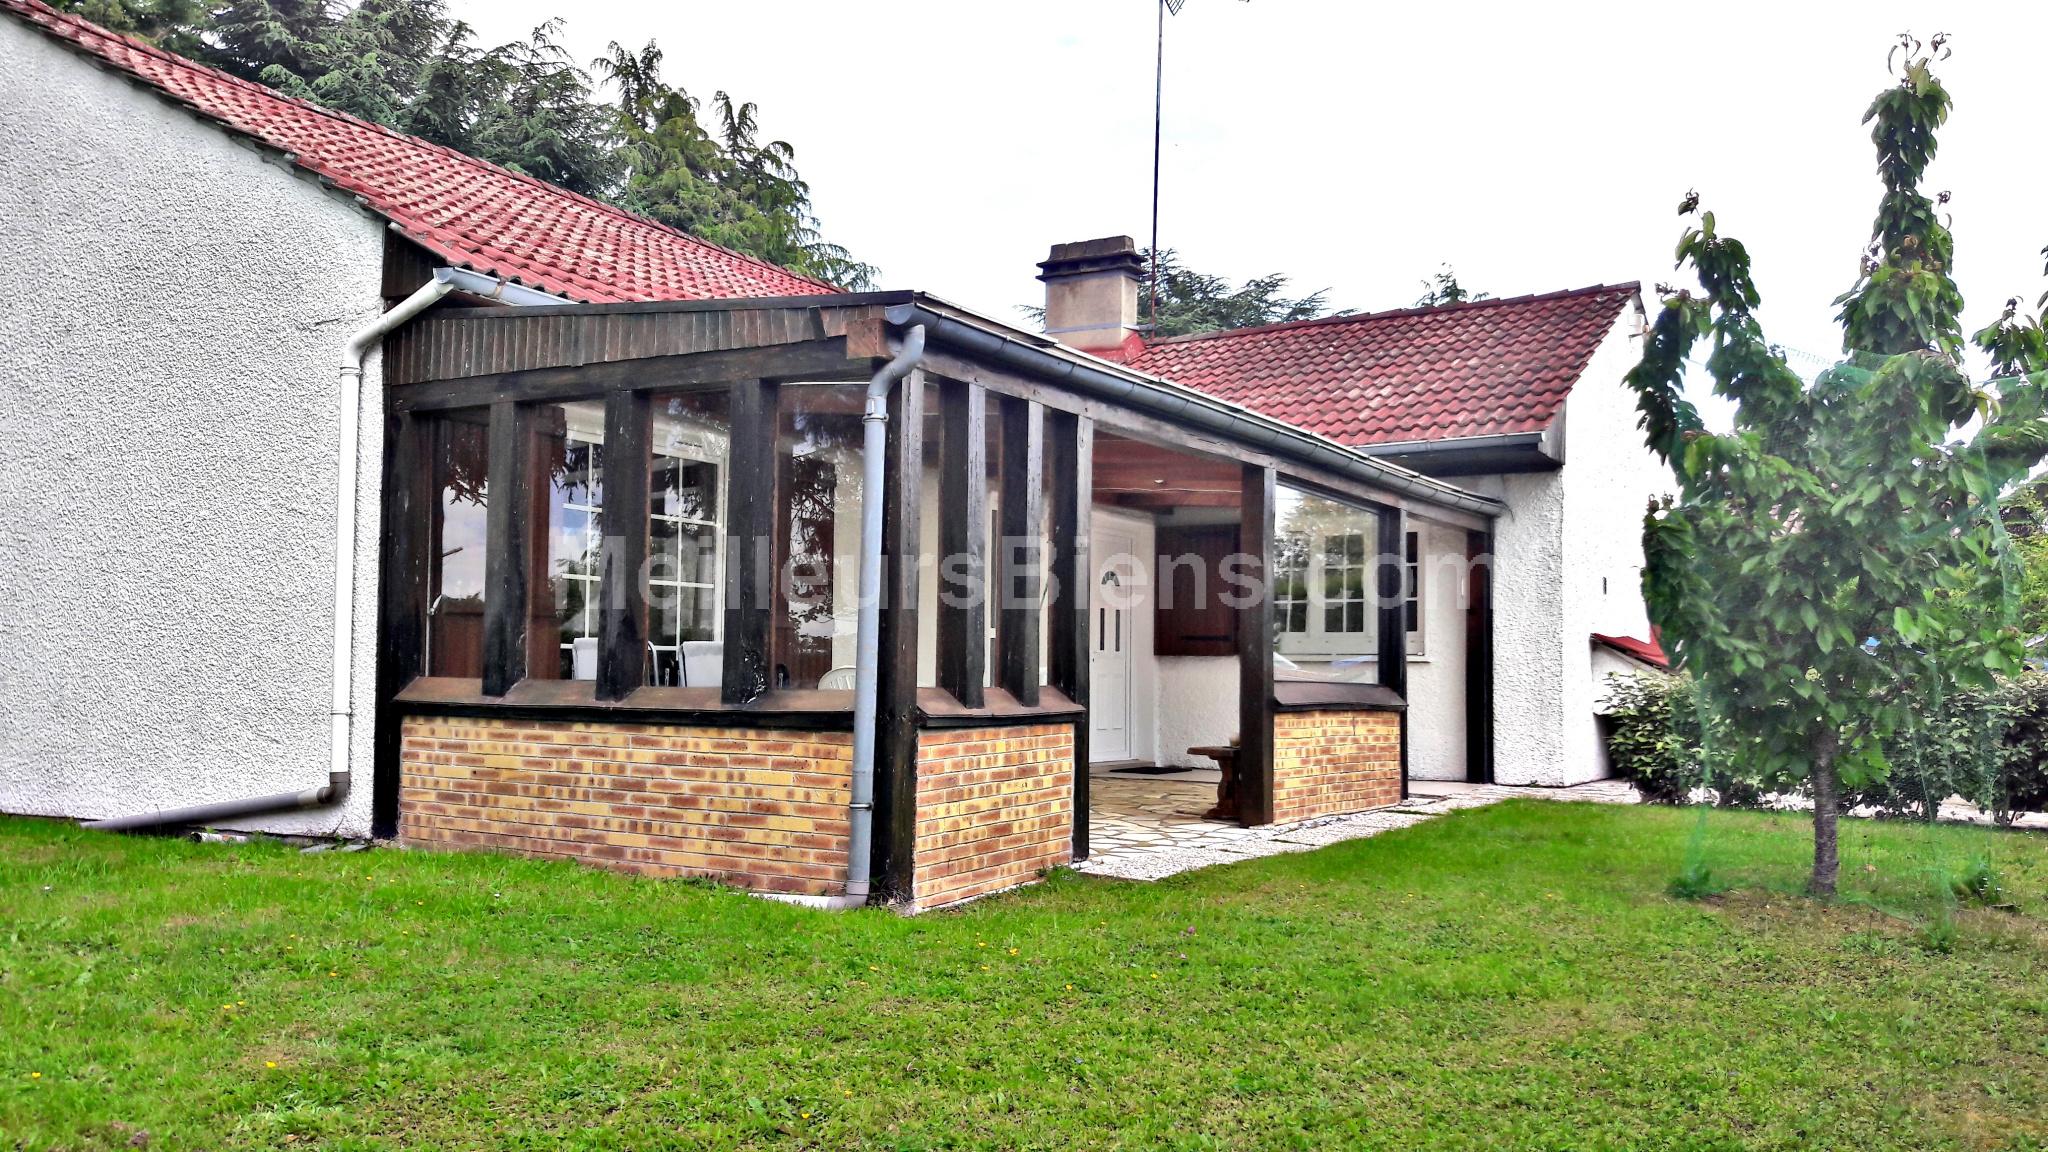 Maison De Campagne Vexin vente maison magny-en-vexin (95420) sur le partenaire